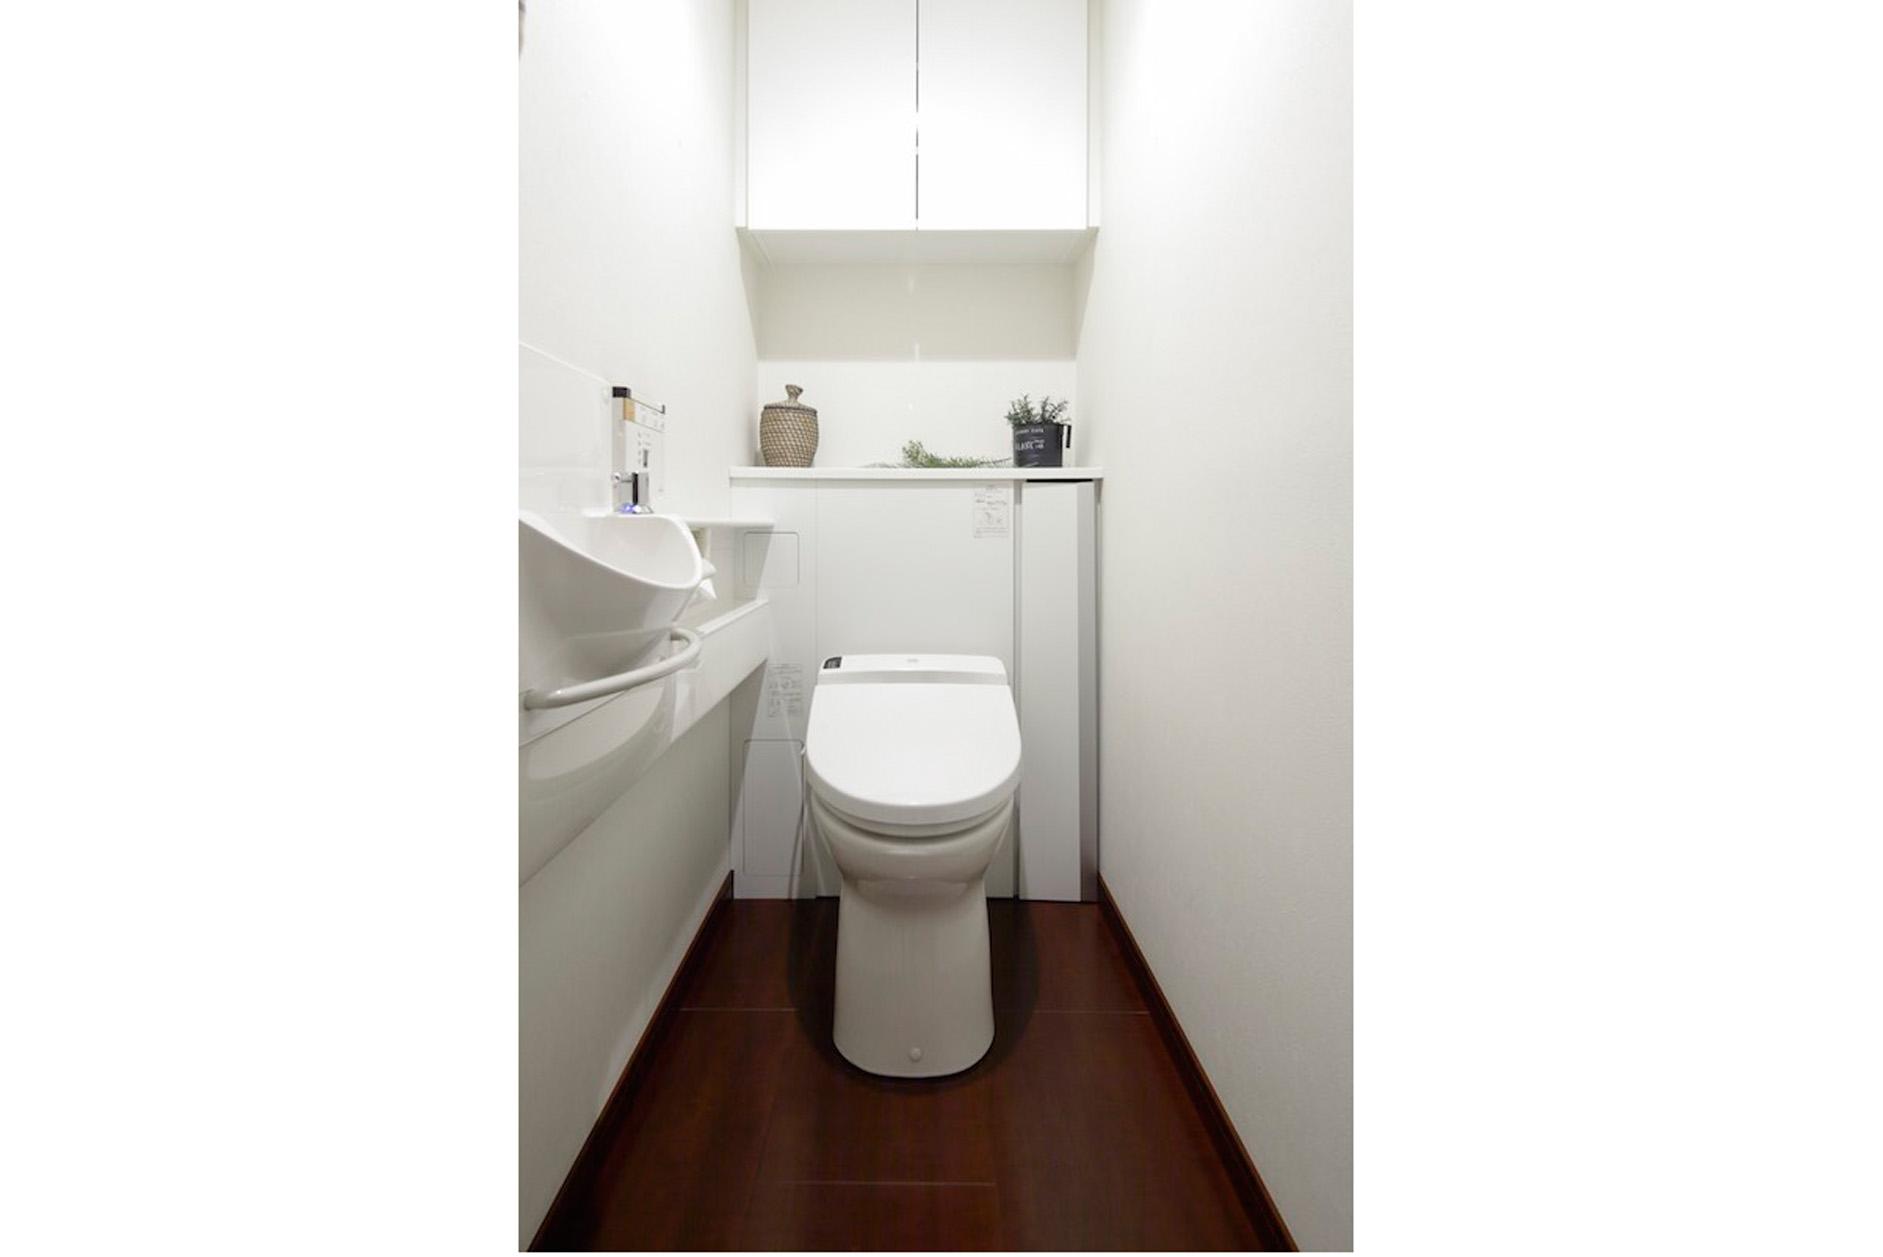 手洗水栓付きトイレ。吊戸棚にはかさばりやすいストックのトイレットペーパーを収納できます。 イメージ